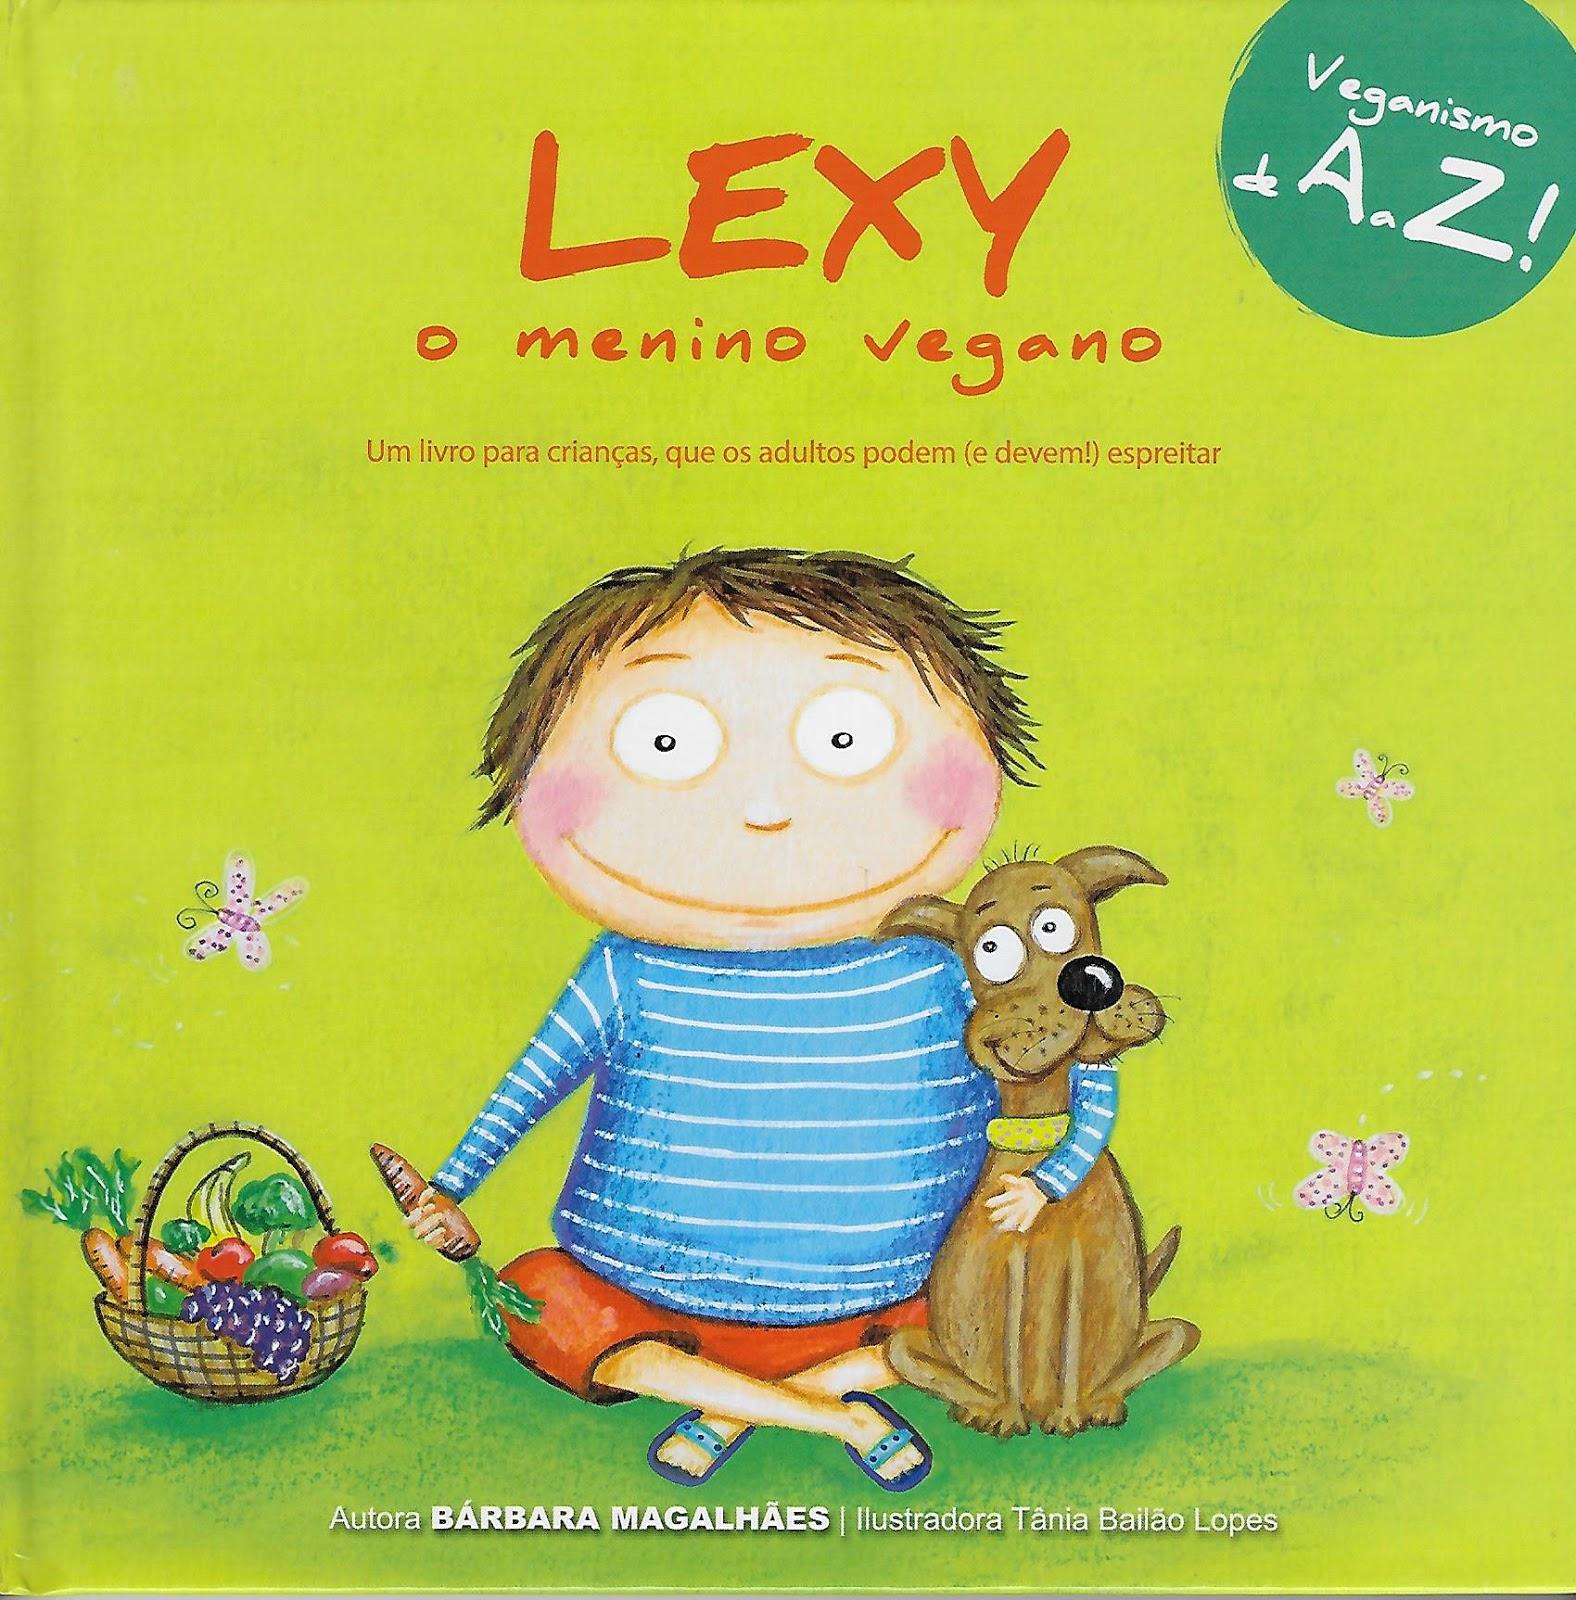 http://www.cantinhodasaromaticas.pt/loja/livros/lexy-o-menino-vegano/